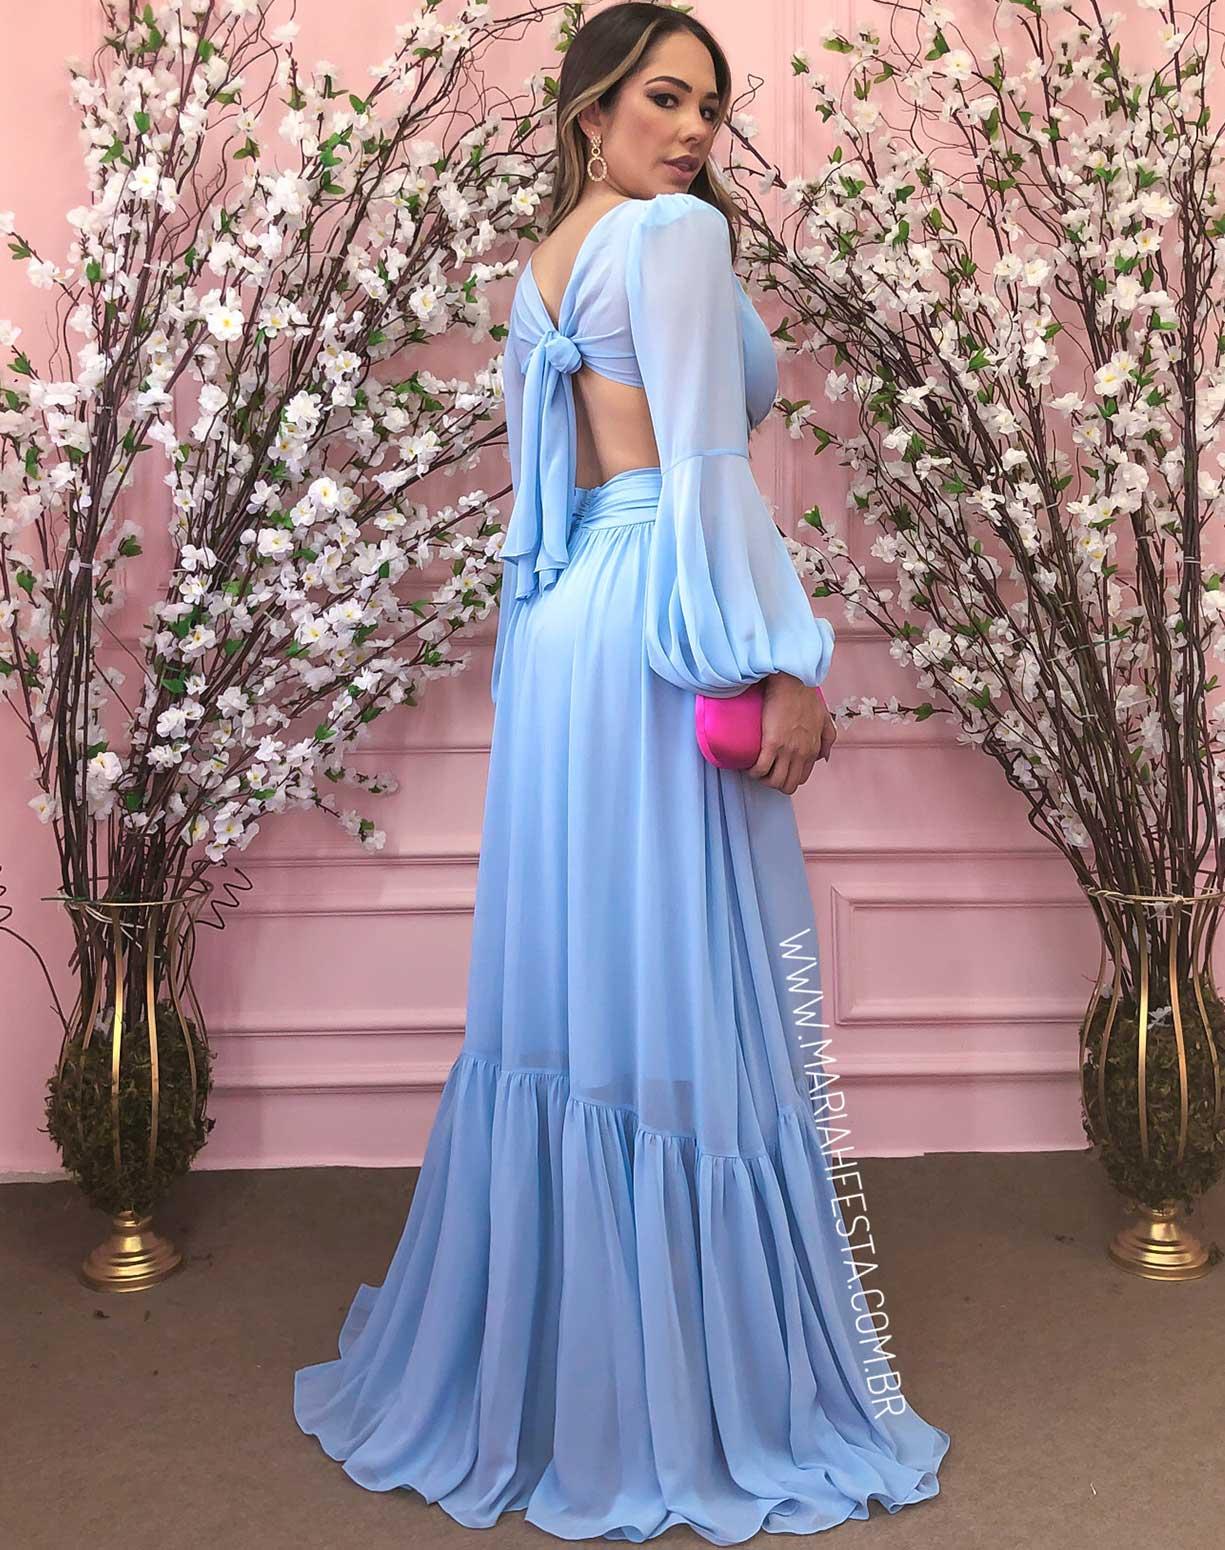 Vestido Azul Serenity com Decotes